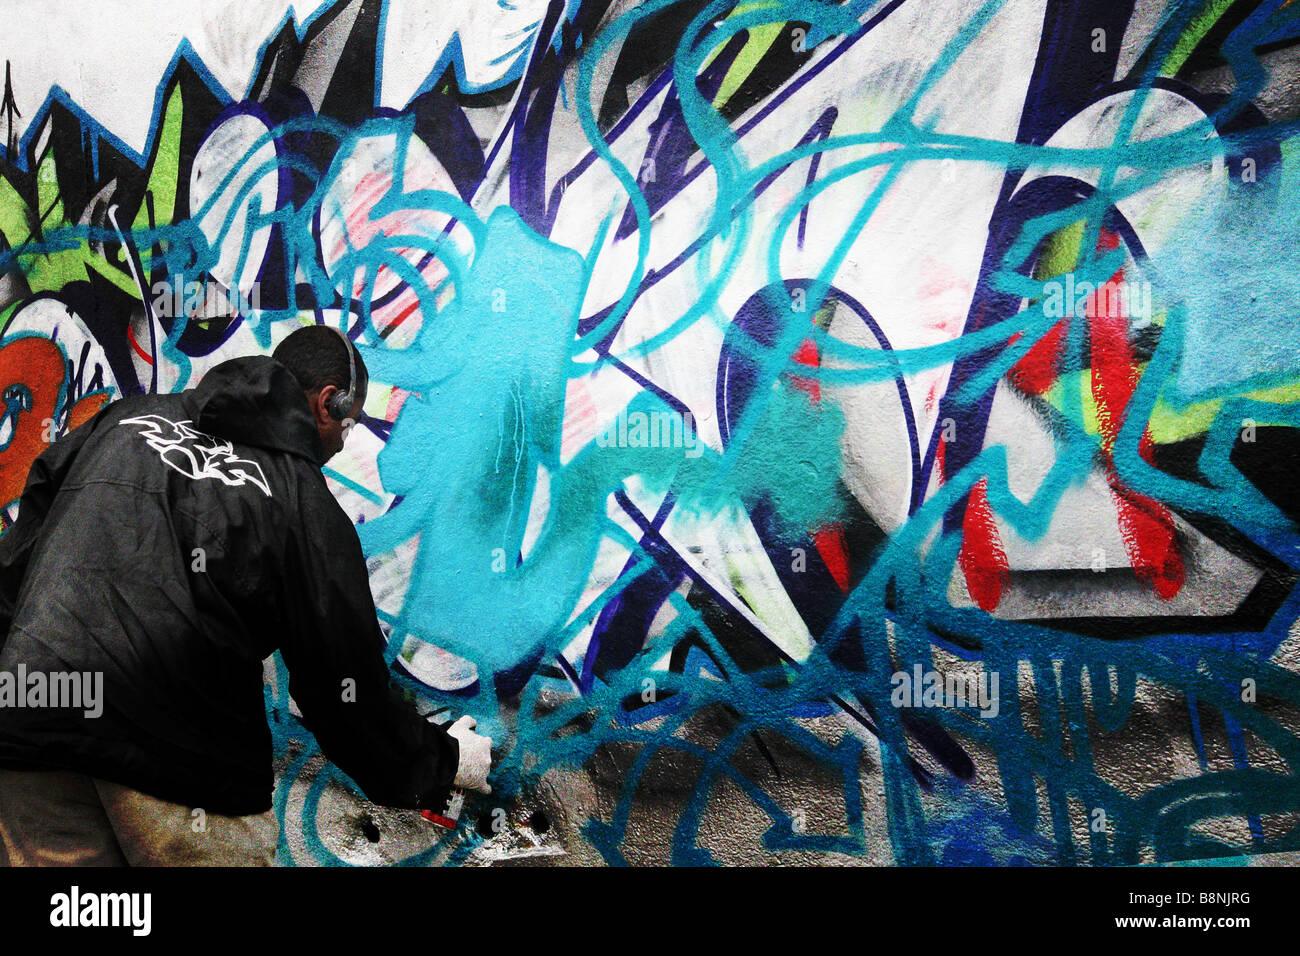 graffitti - Stock Image